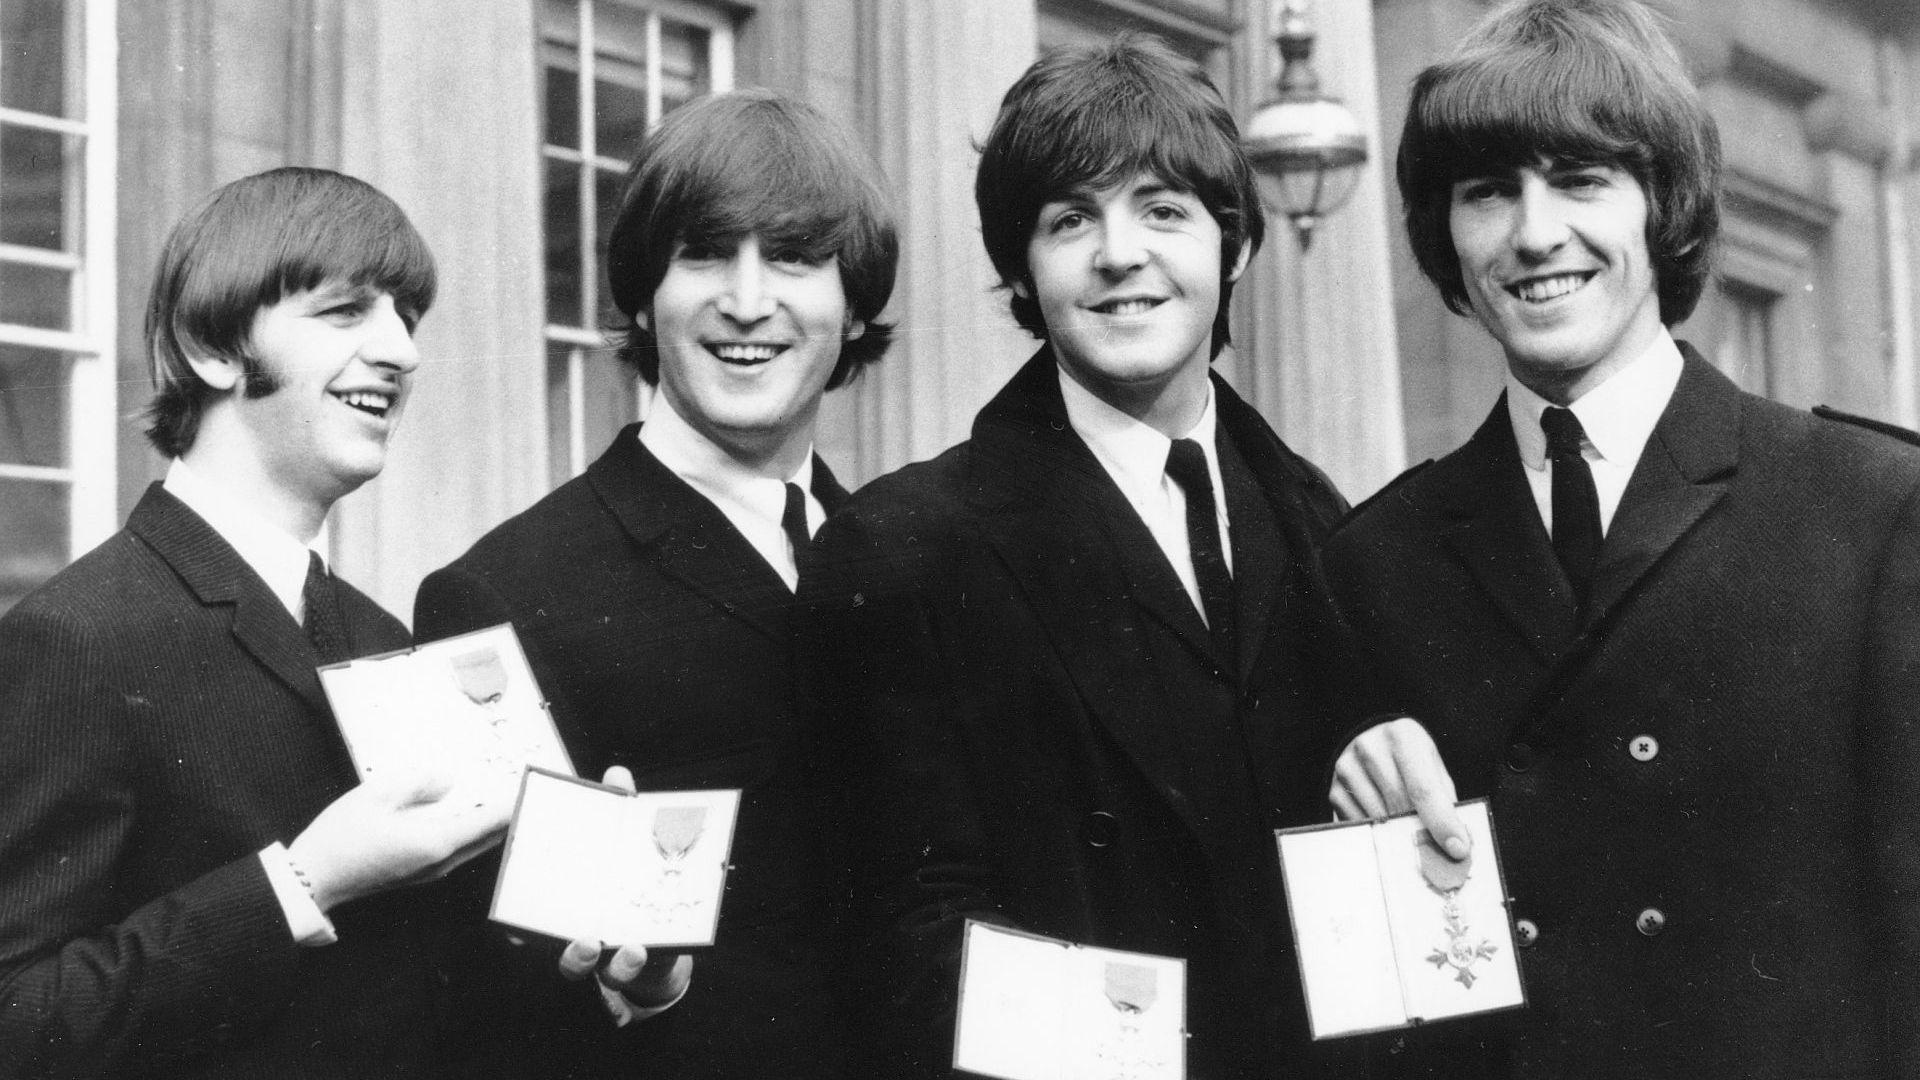 """Албум на """"Бийтълс"""" е най-популярният във Великобритания"""